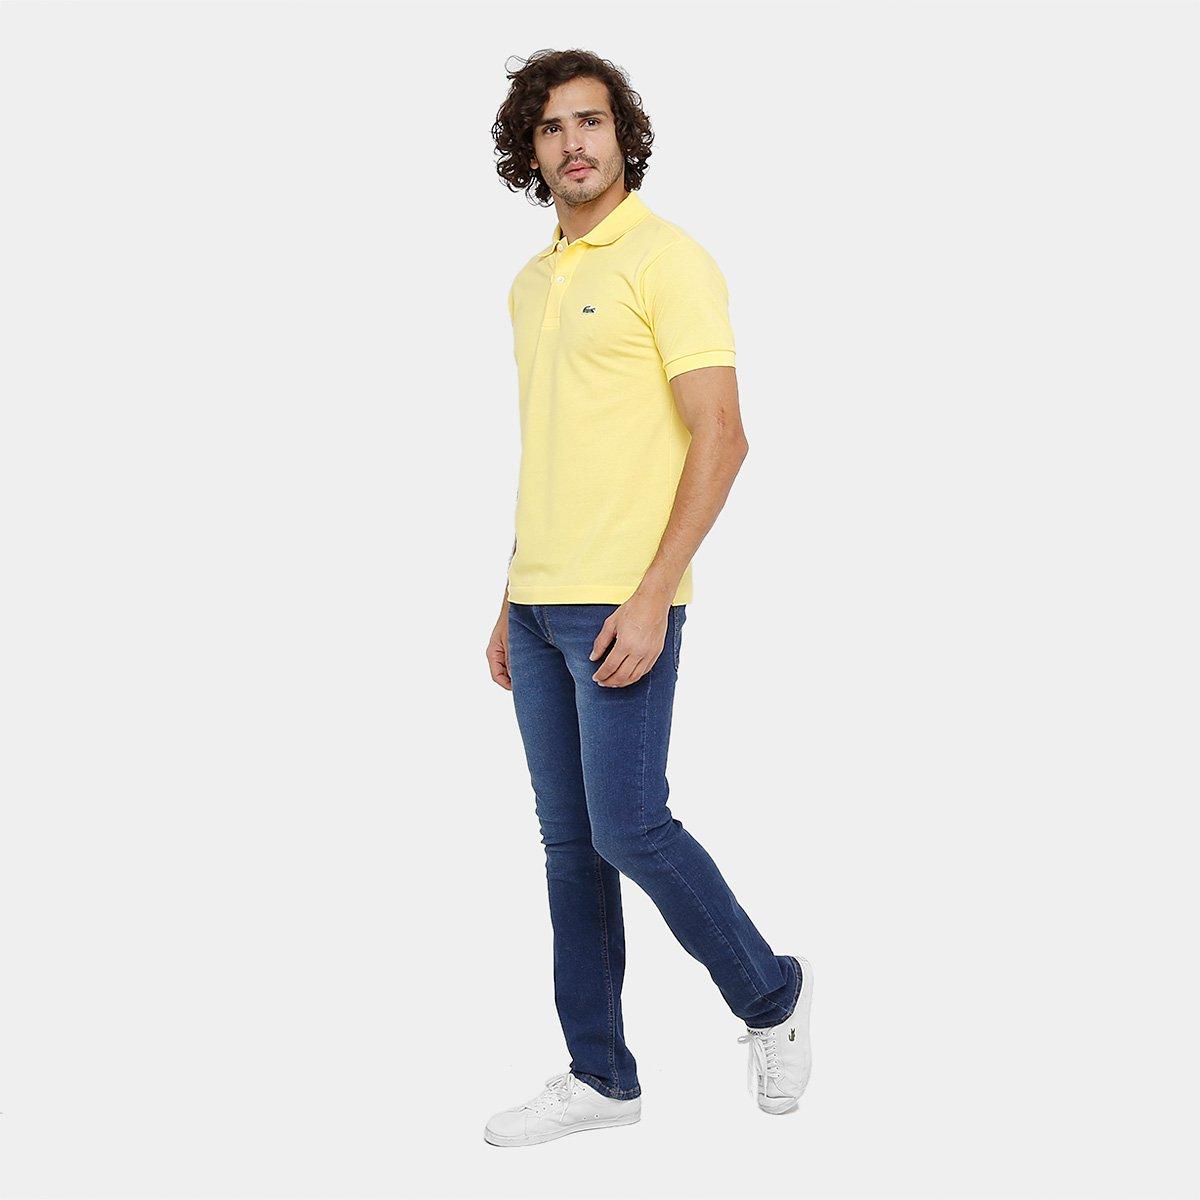 Camisa Polo Lacoste Piquet Original Fit Masculina   Livelo -Sua Vida ... e5e9971514